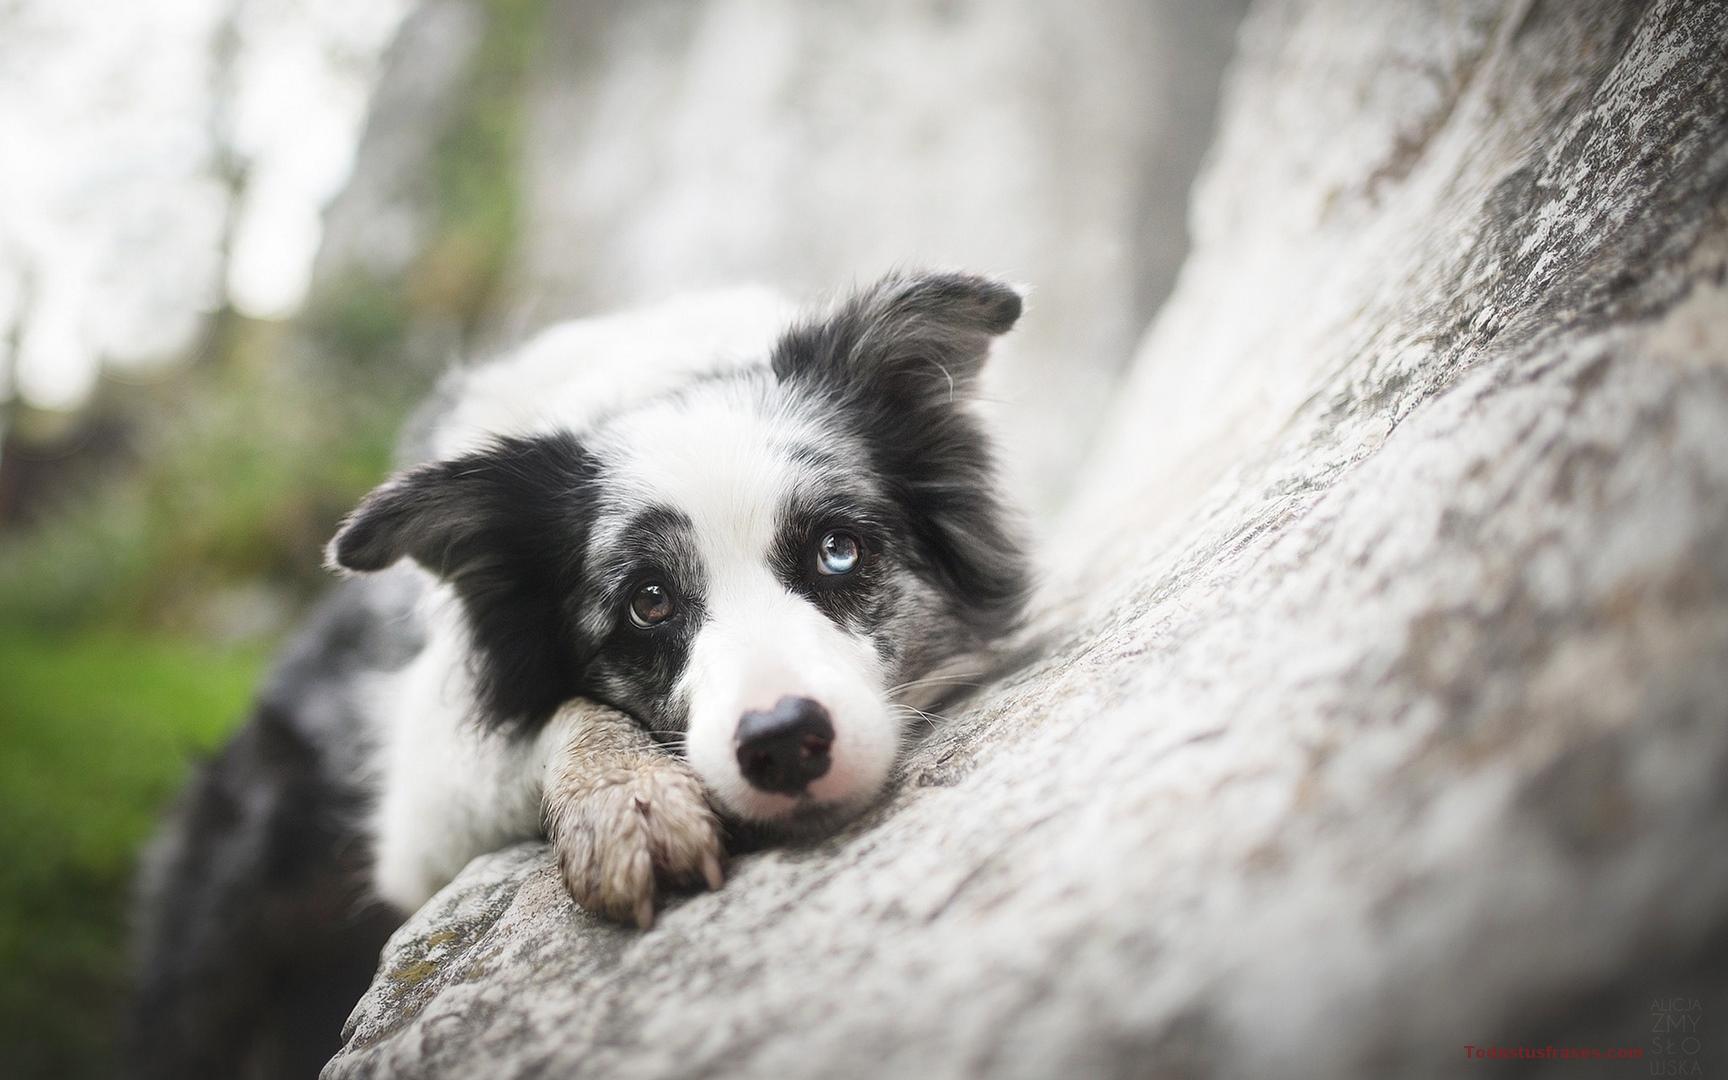 Fondos De Animales Animados: Fondos De Pantalla De Animales Graciosos Y Divertidos